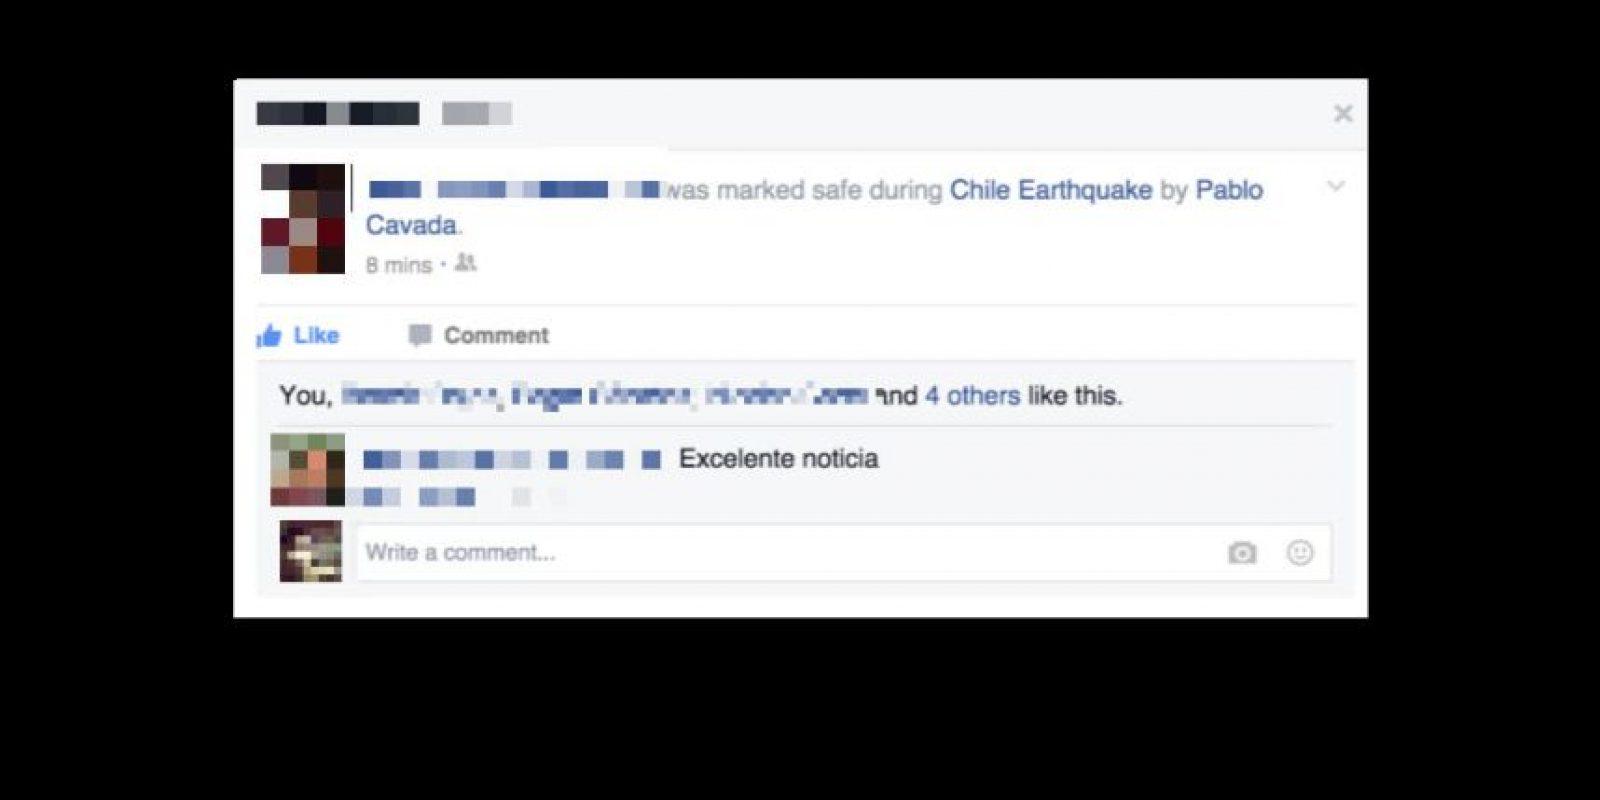 Después se publica automáticamente un estado en el perfil de la persona localizada Foto:Facebook